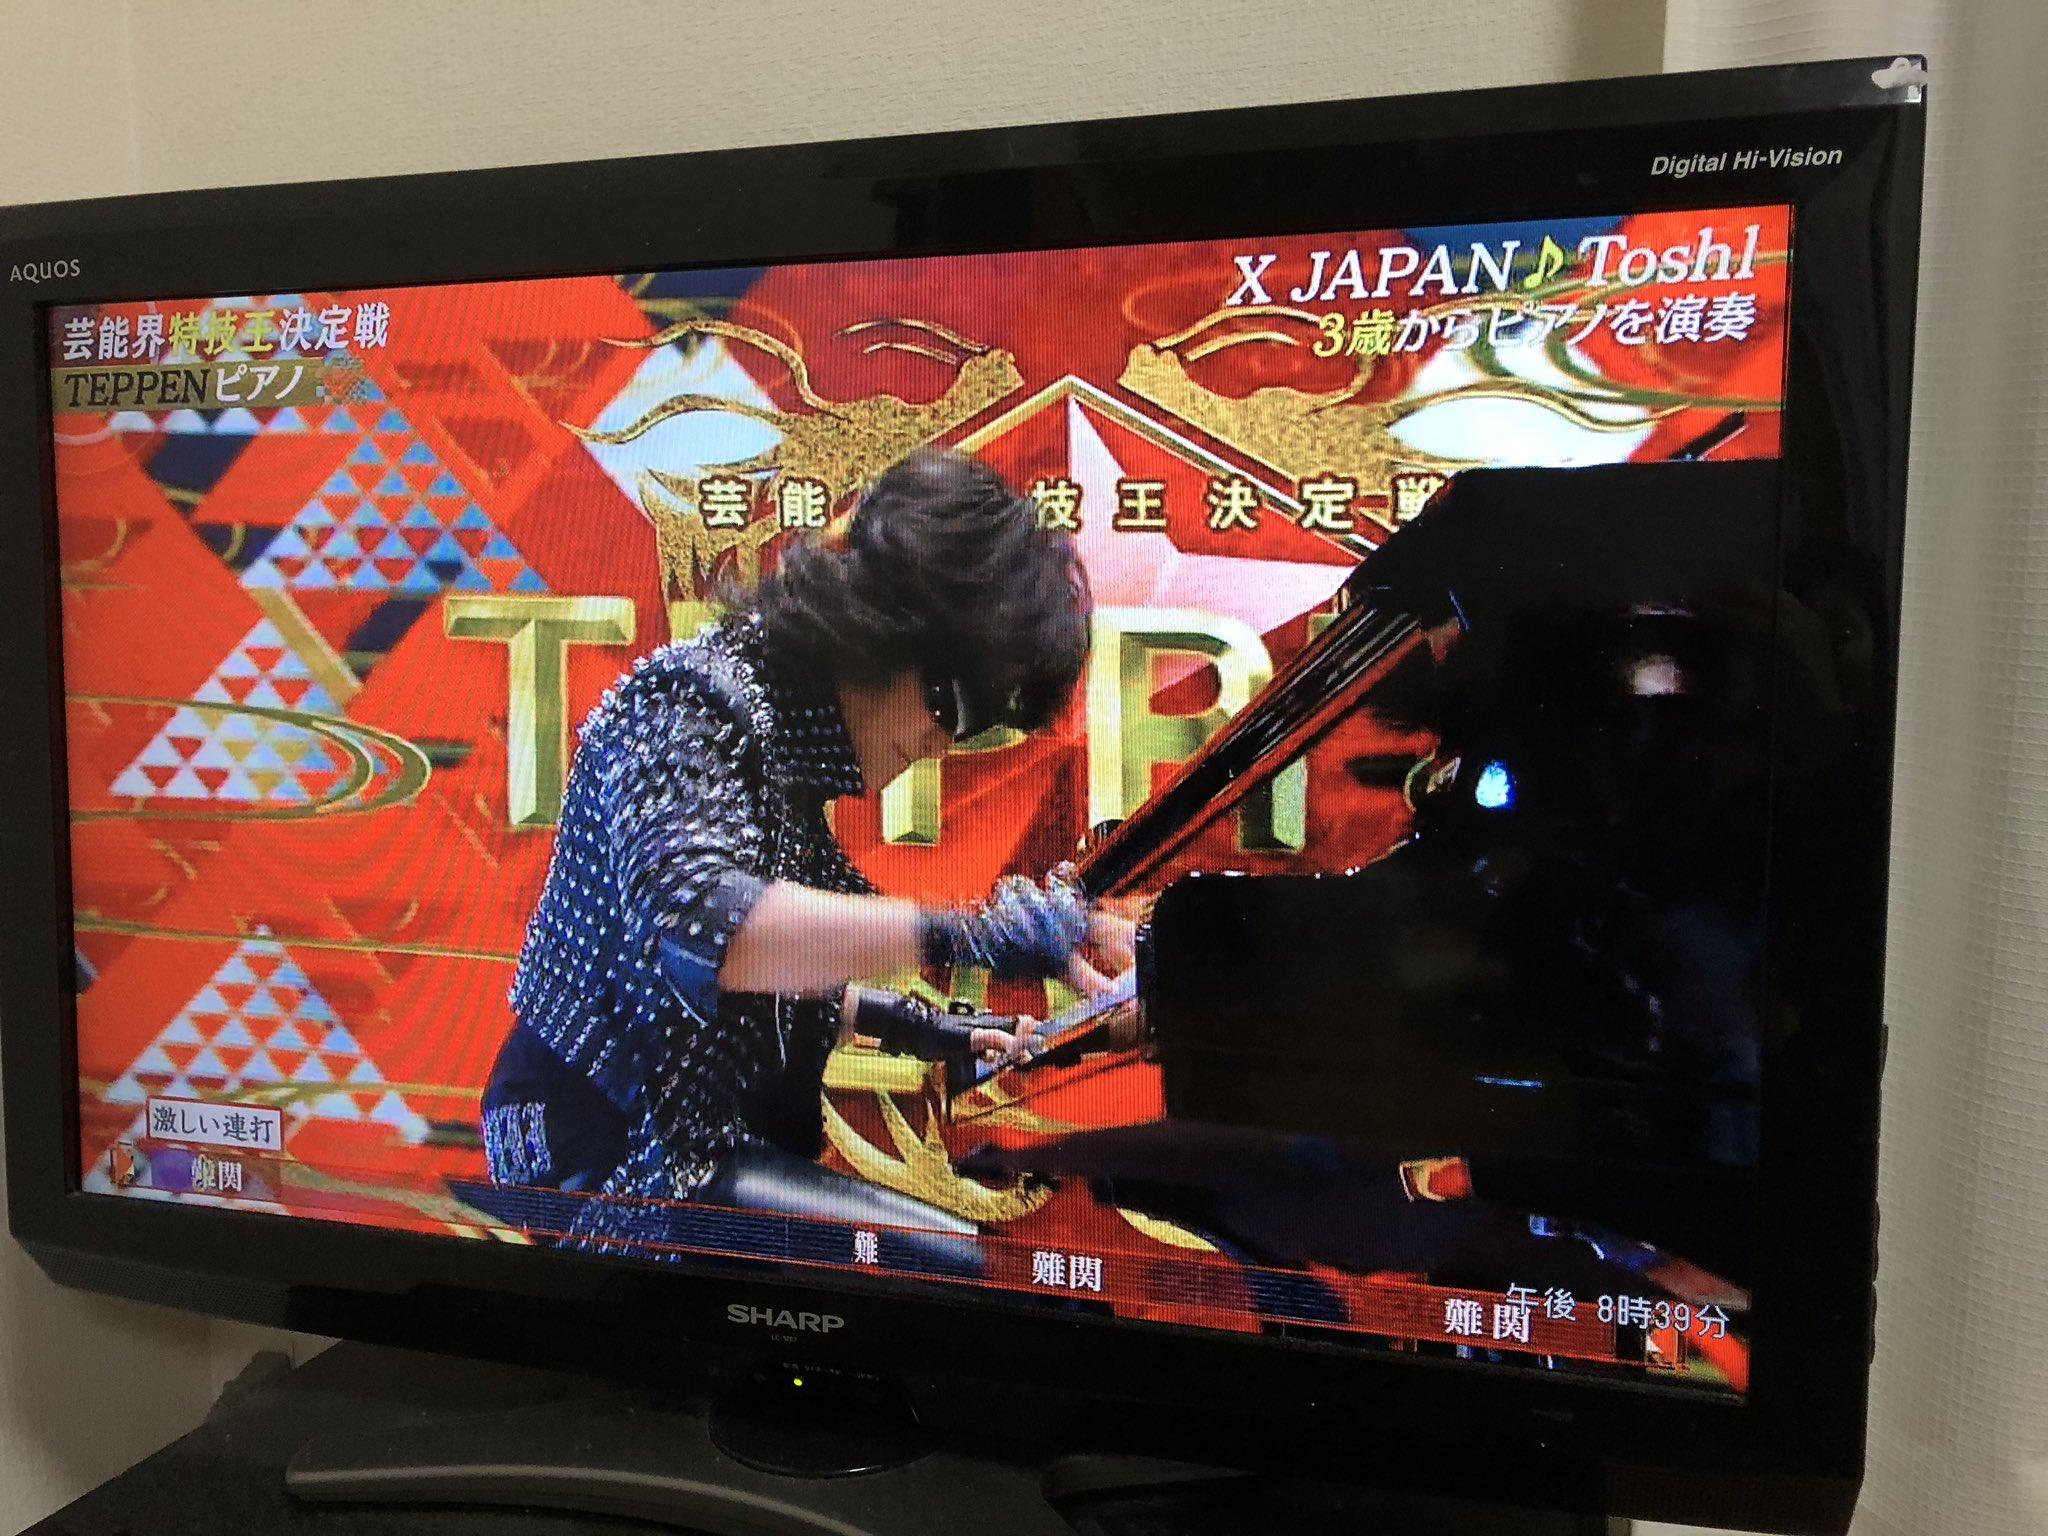 画像,「がんばれー!イケメンー!」と言った次女はなかなか見る目あると思う。#芸能界特技王決定戦 #Toshi さん#Xjapan https://t.co/o96iL…